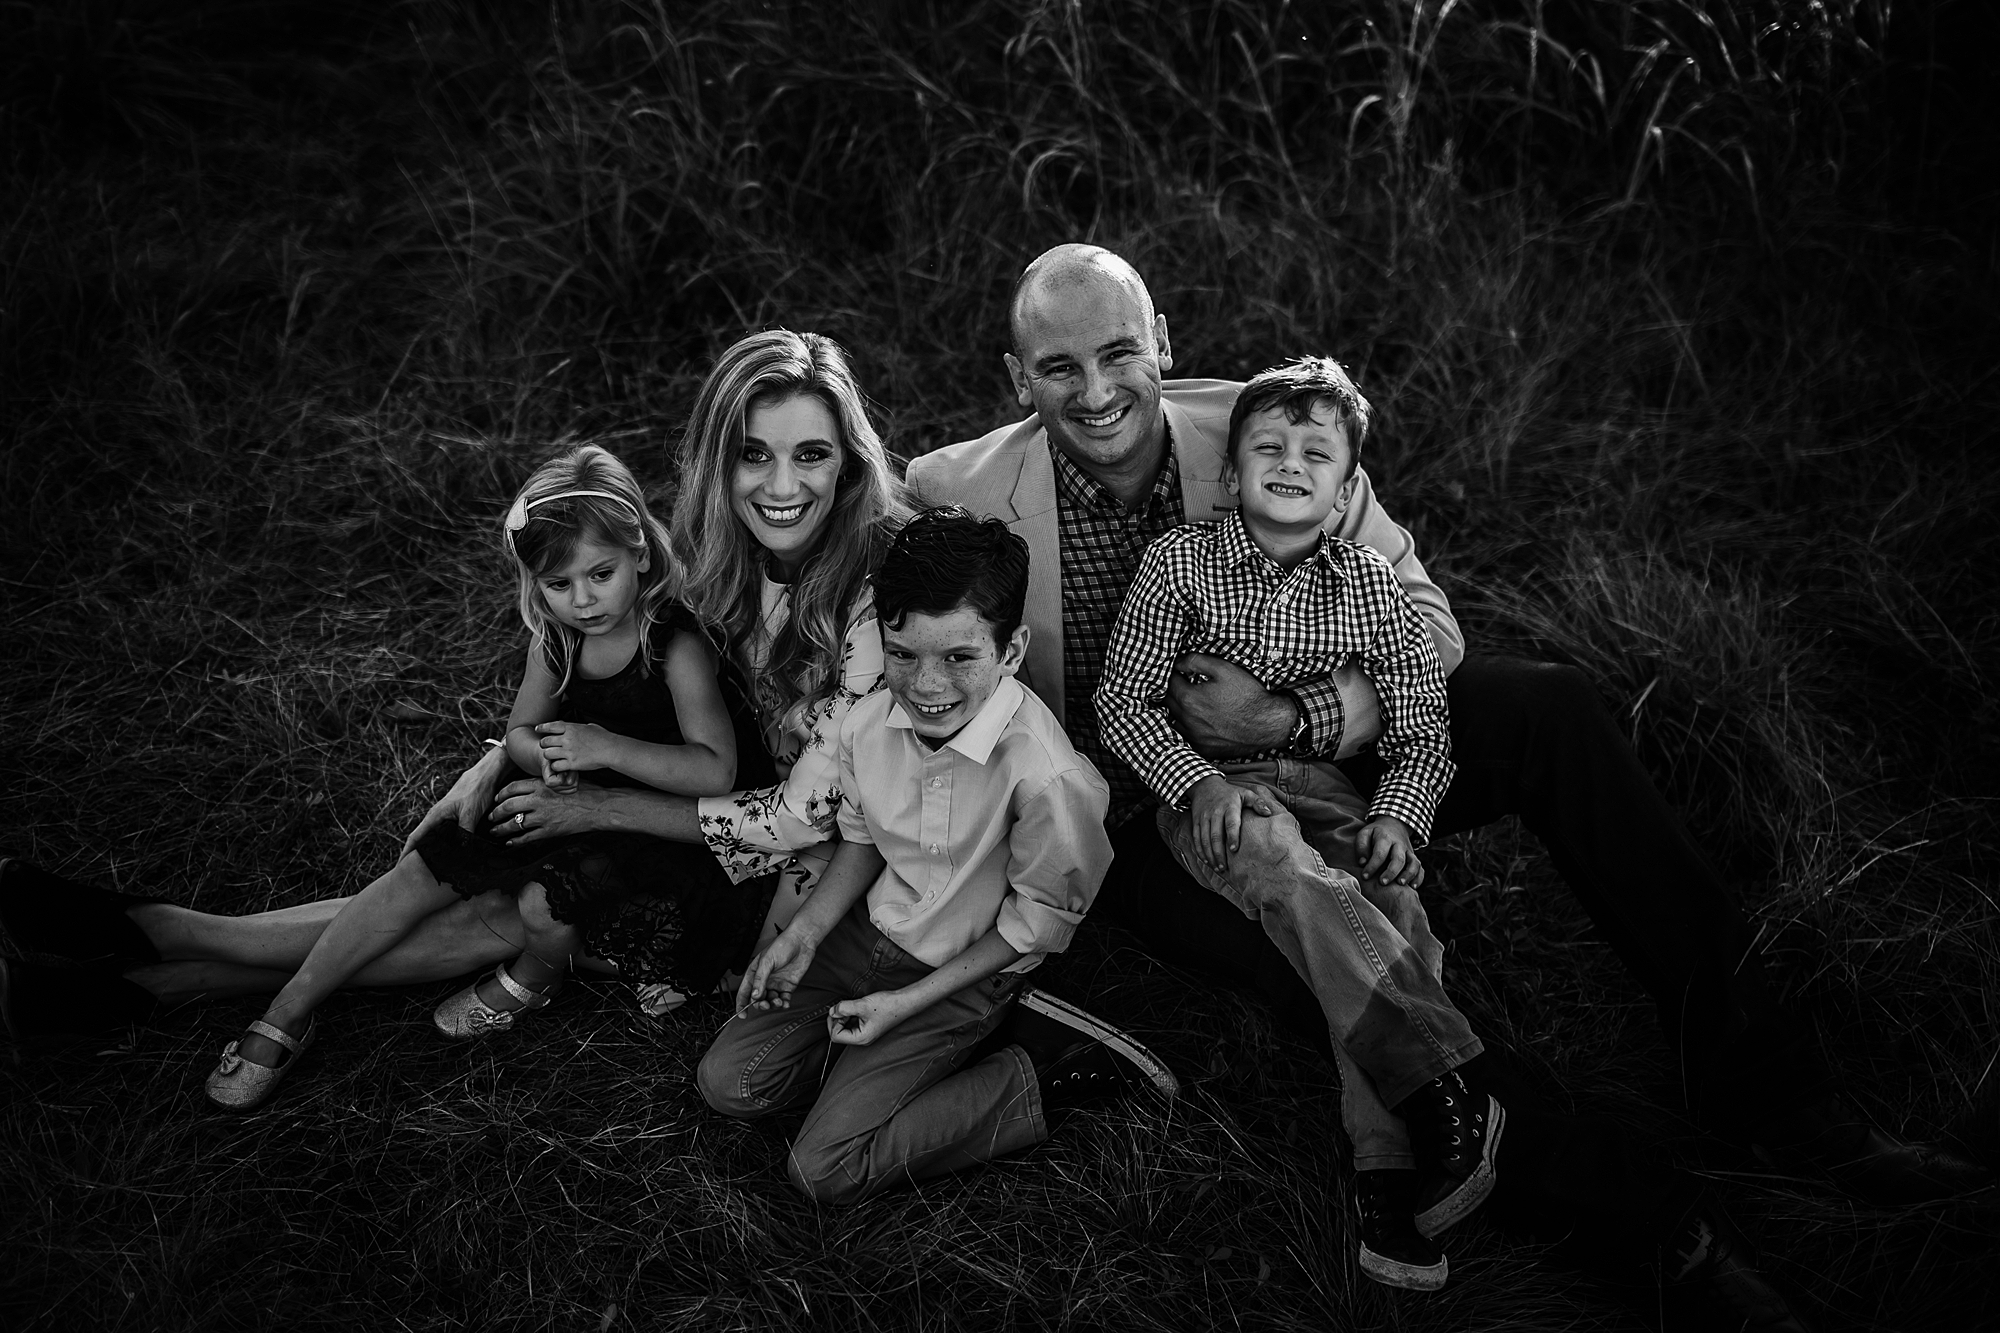 Perkins-San-Antonio-Family-Photographer-40_WEB.jpg